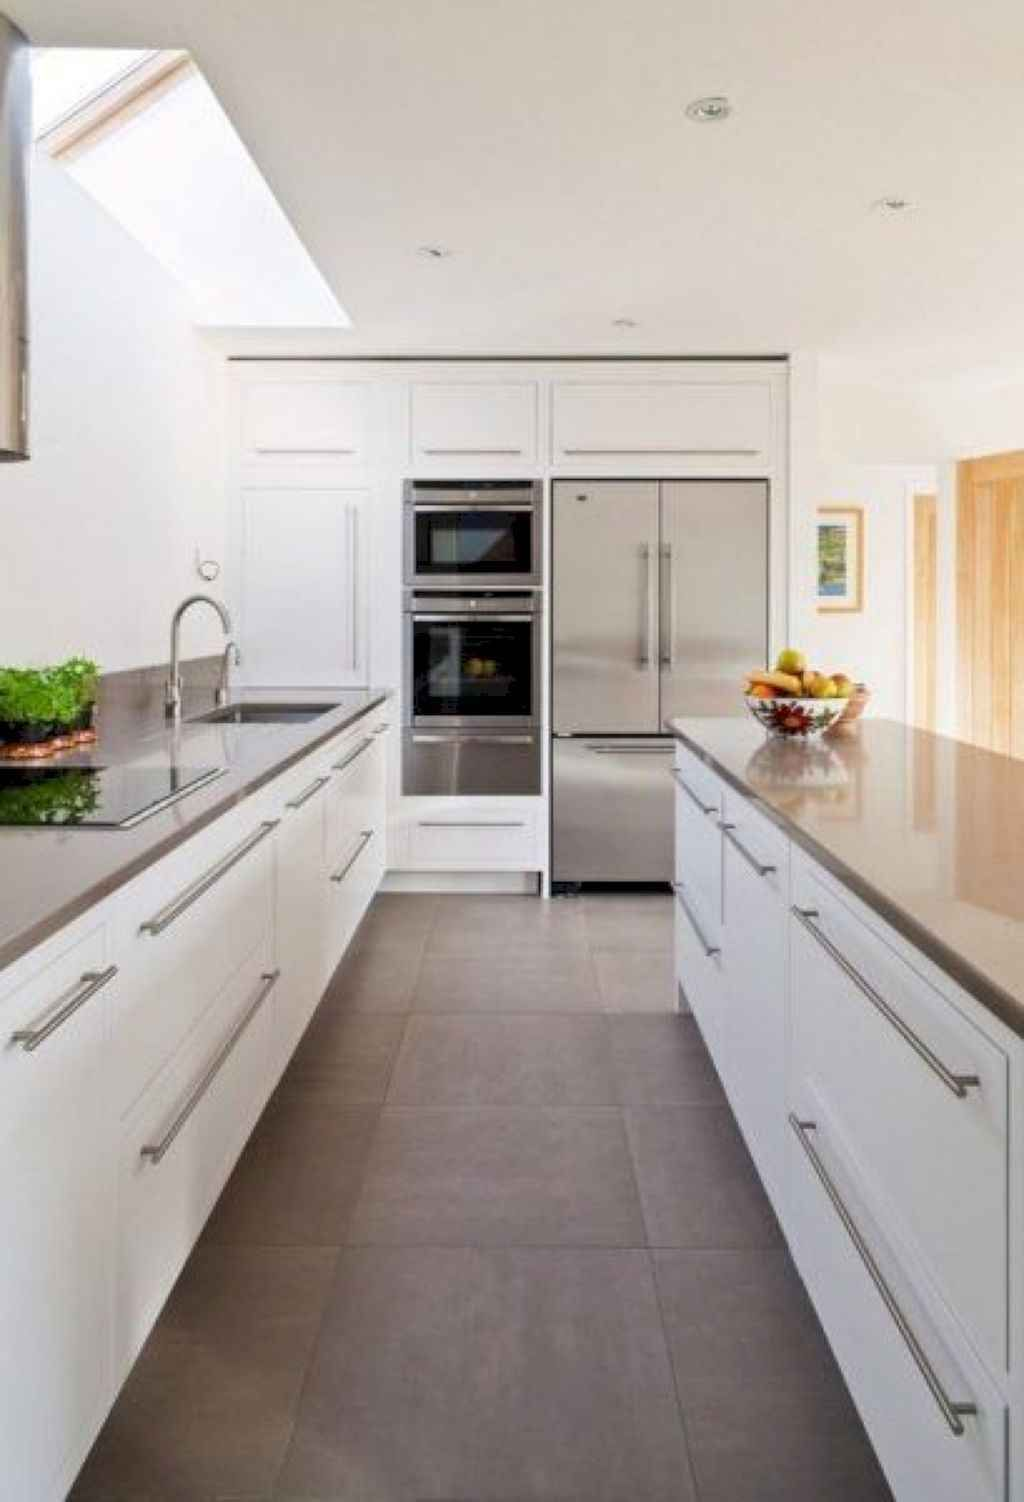 Galley Kitchen Design (Small, Unique, Modern Galley Kitchen Ideas) #ikeagalleykitchen in 2020 ...